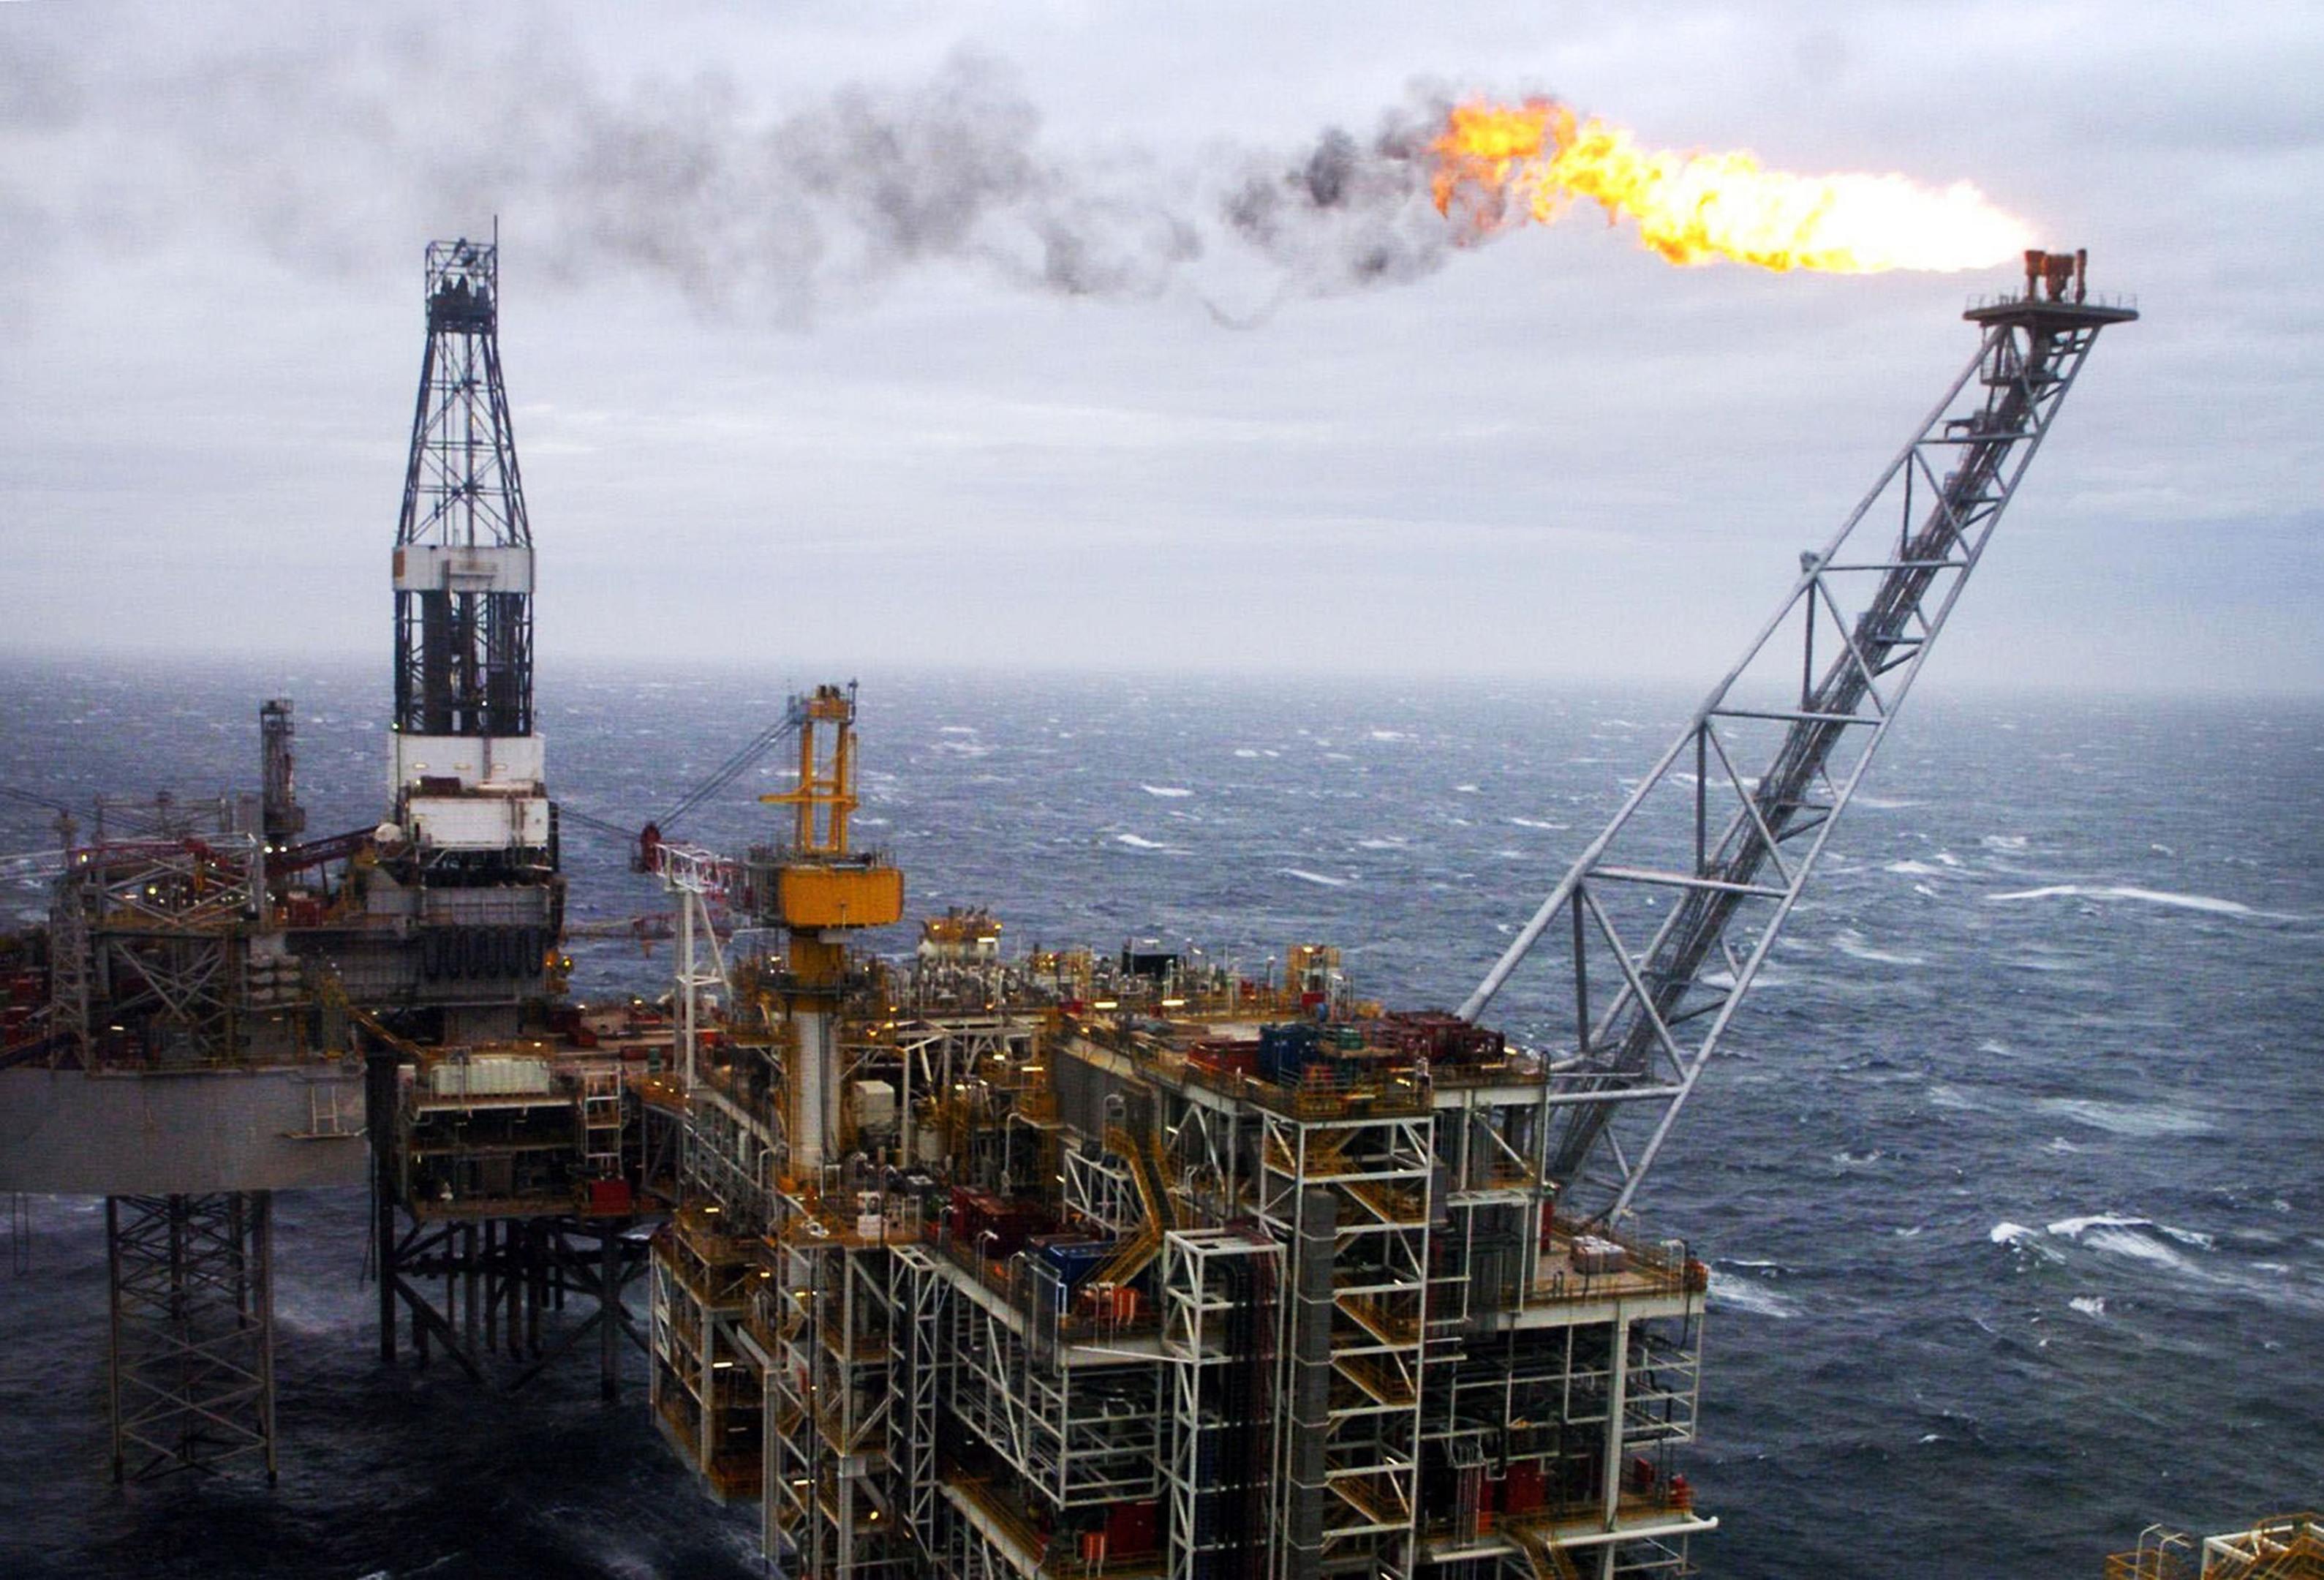 A North Sea Rig. (Library image).